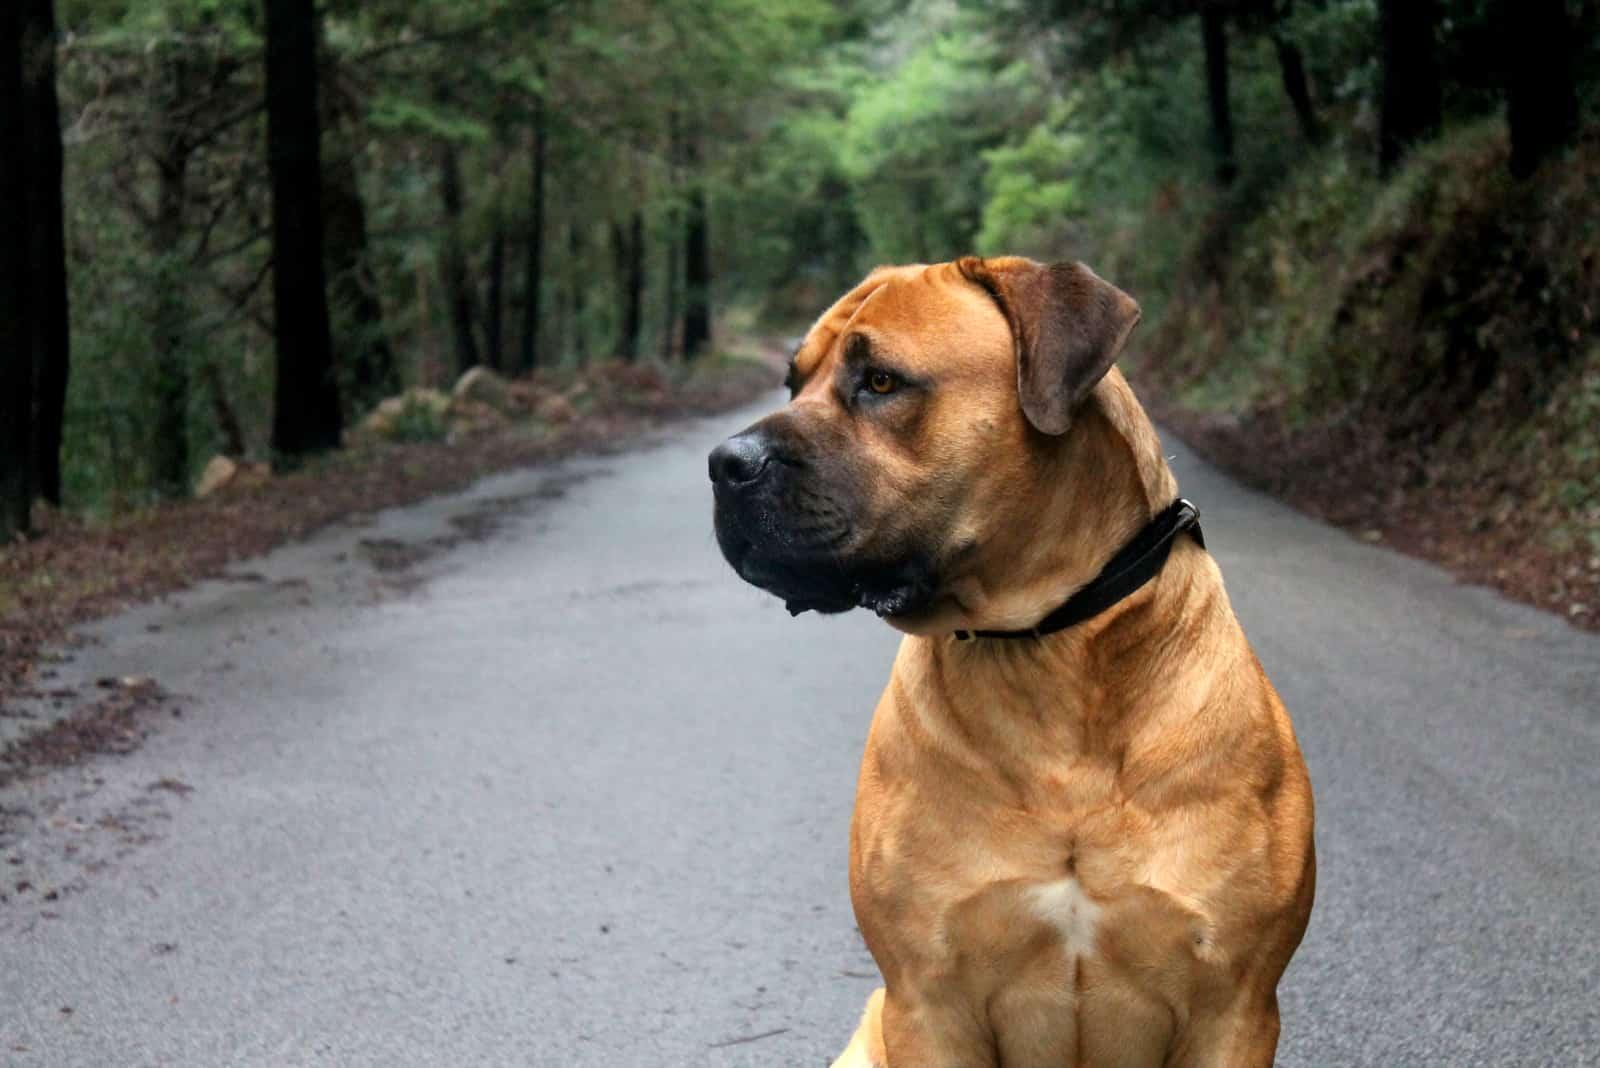 Boerboel Hund sitzt mitten auf der Straße in einem Wald